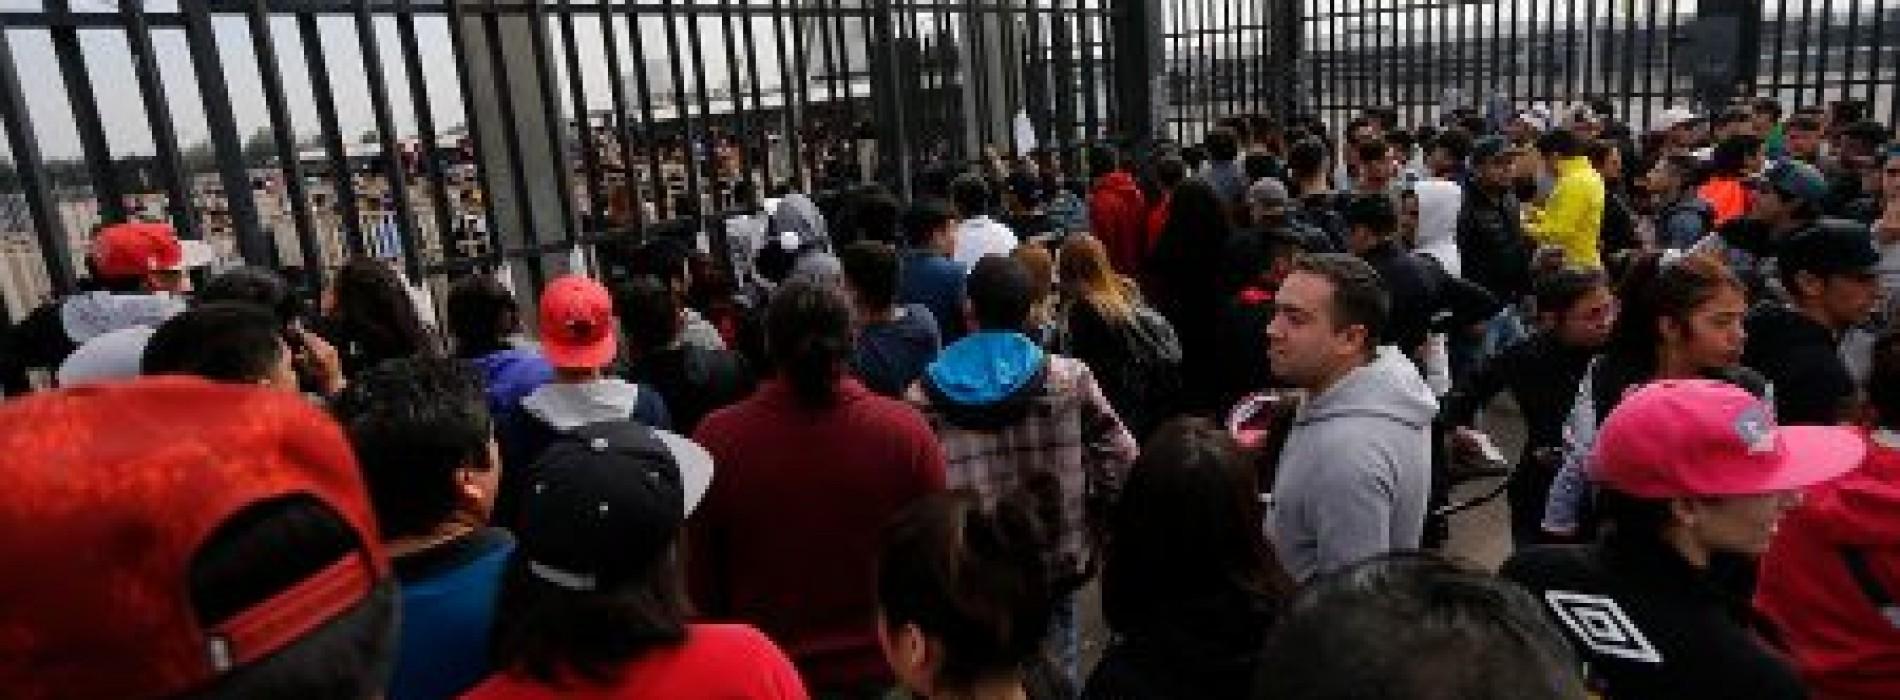 Intendencia autorizó 40 mil espectadores para el duelo de Colo Colo ante Deportes Antofagasta